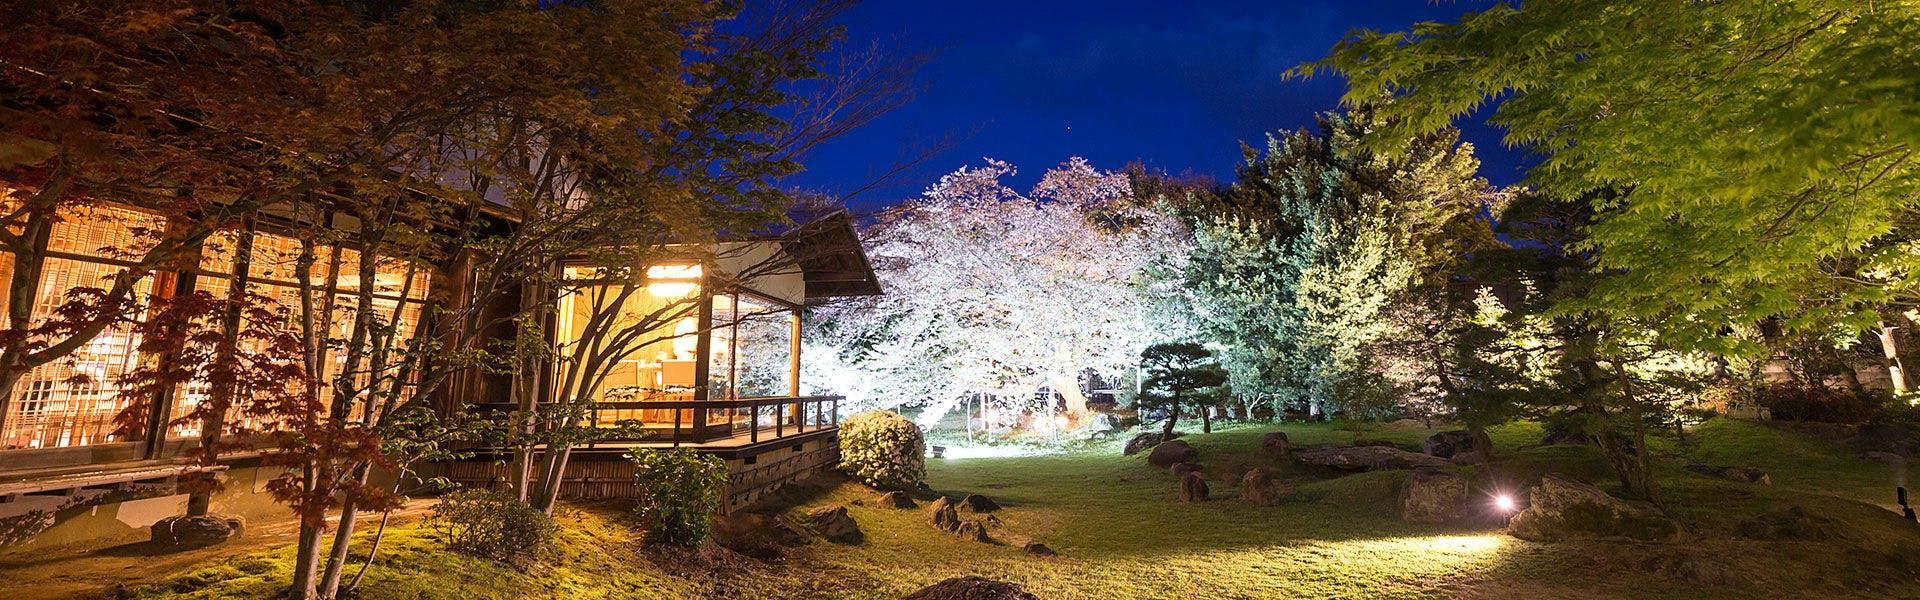 記念日におすすめのホテル・【原鶴温泉 パーレンス小野屋】の写真1